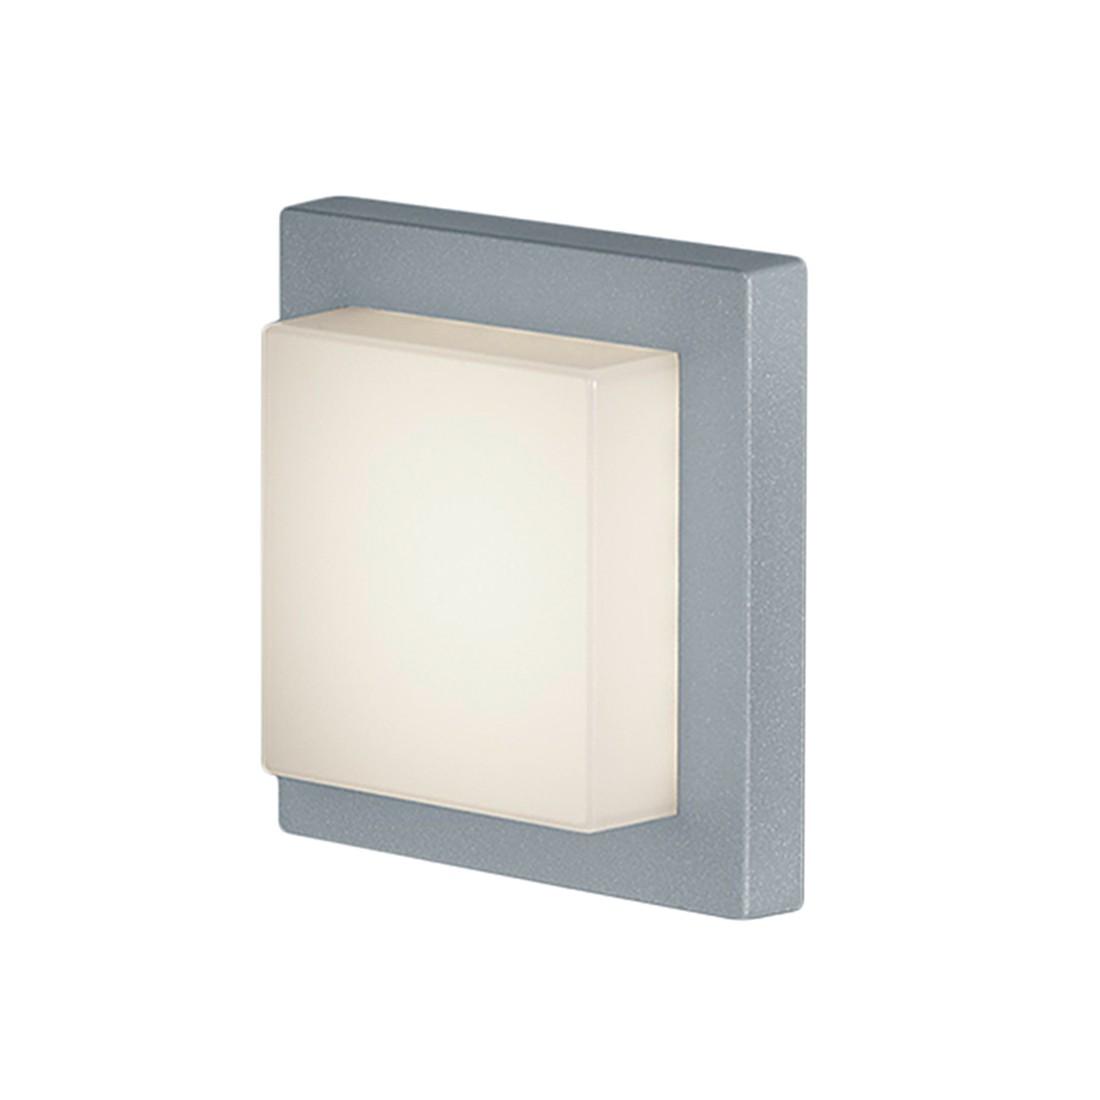 energie  A+, LED-buitenlamp Hondo - 1 lichtbron aluminium/kunststof zilverkleurig, Trio